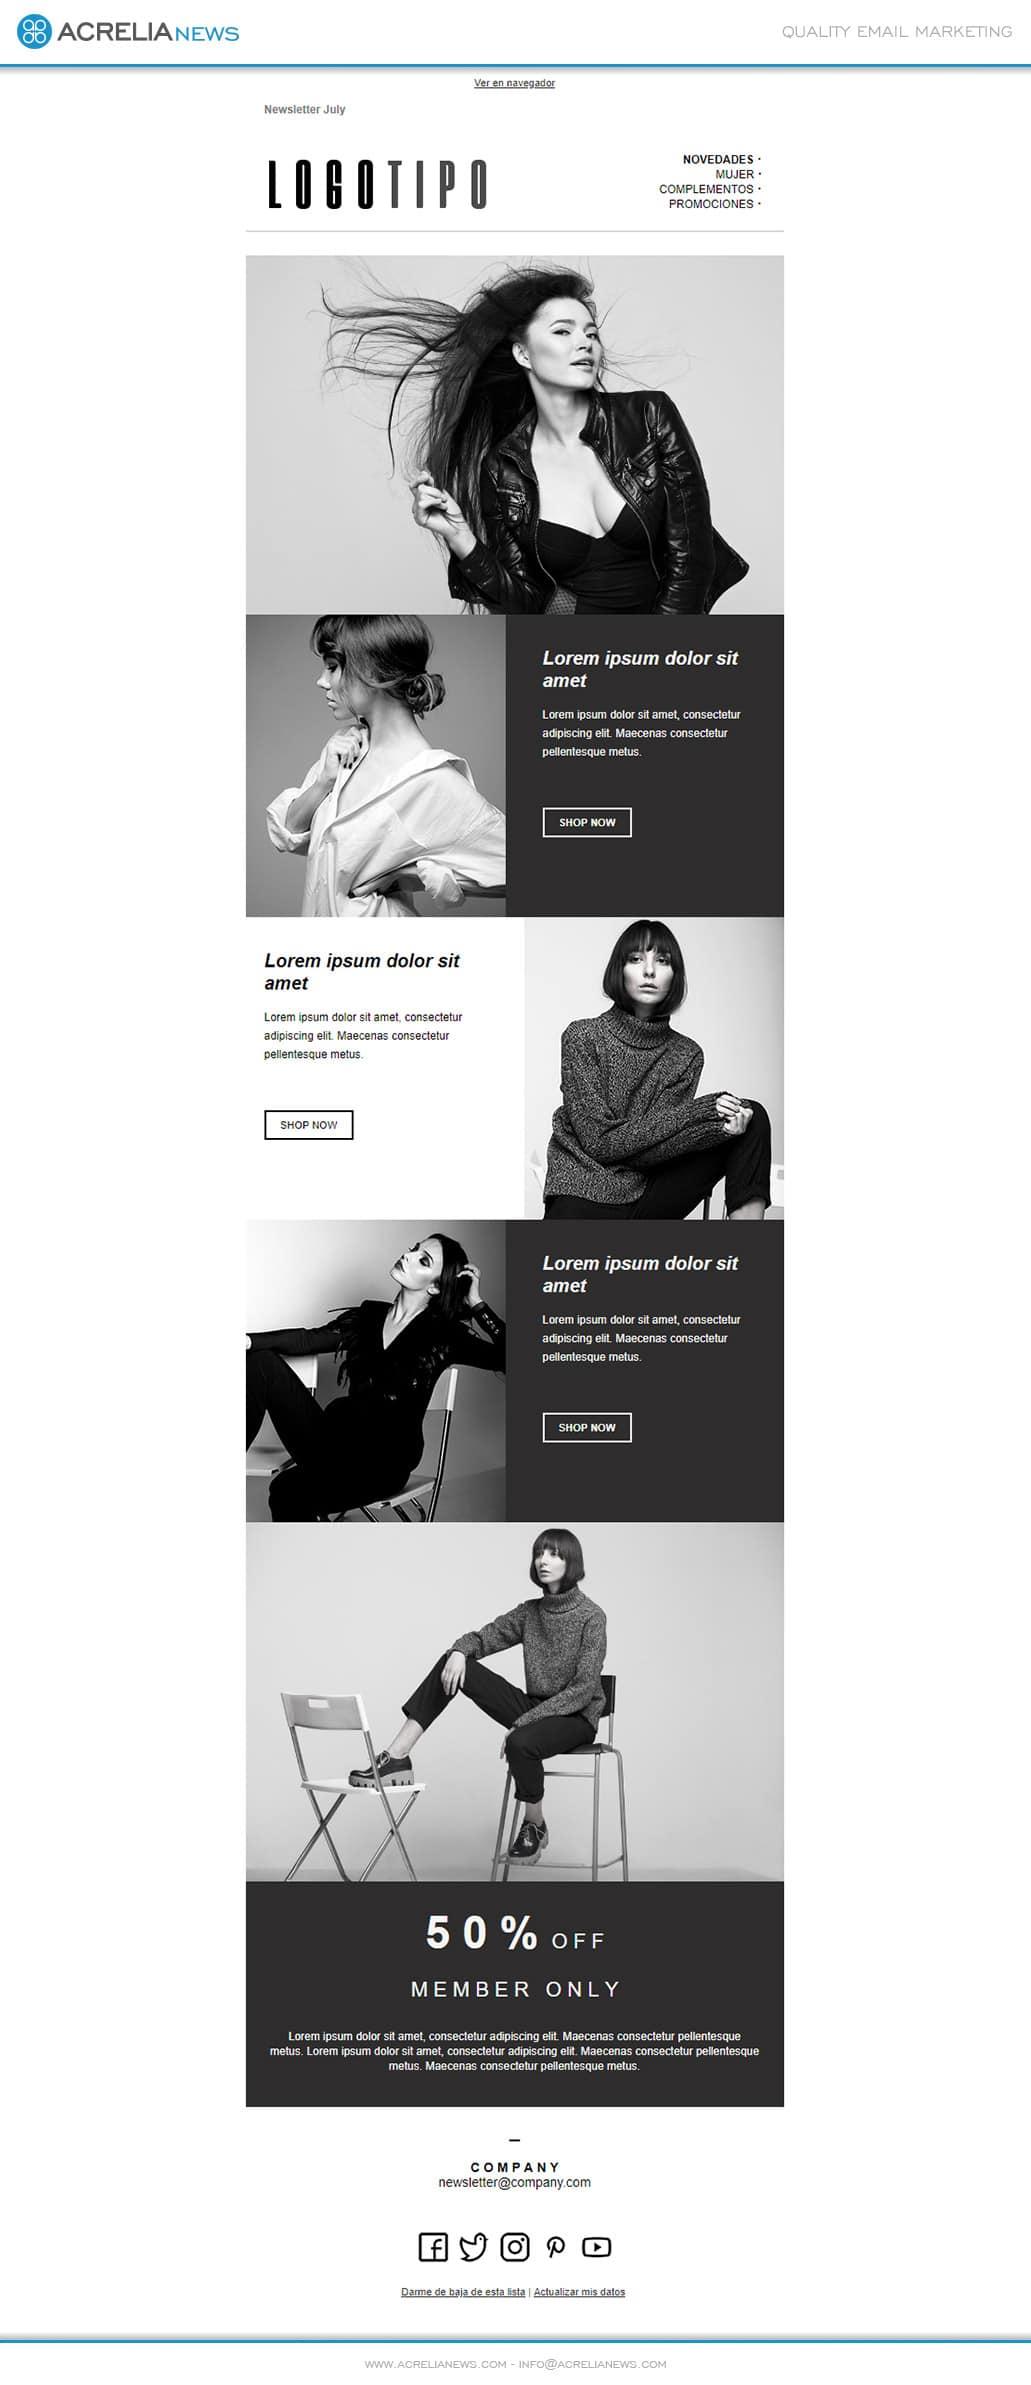 Plantilla de email responsive: Fashion Ecommerce